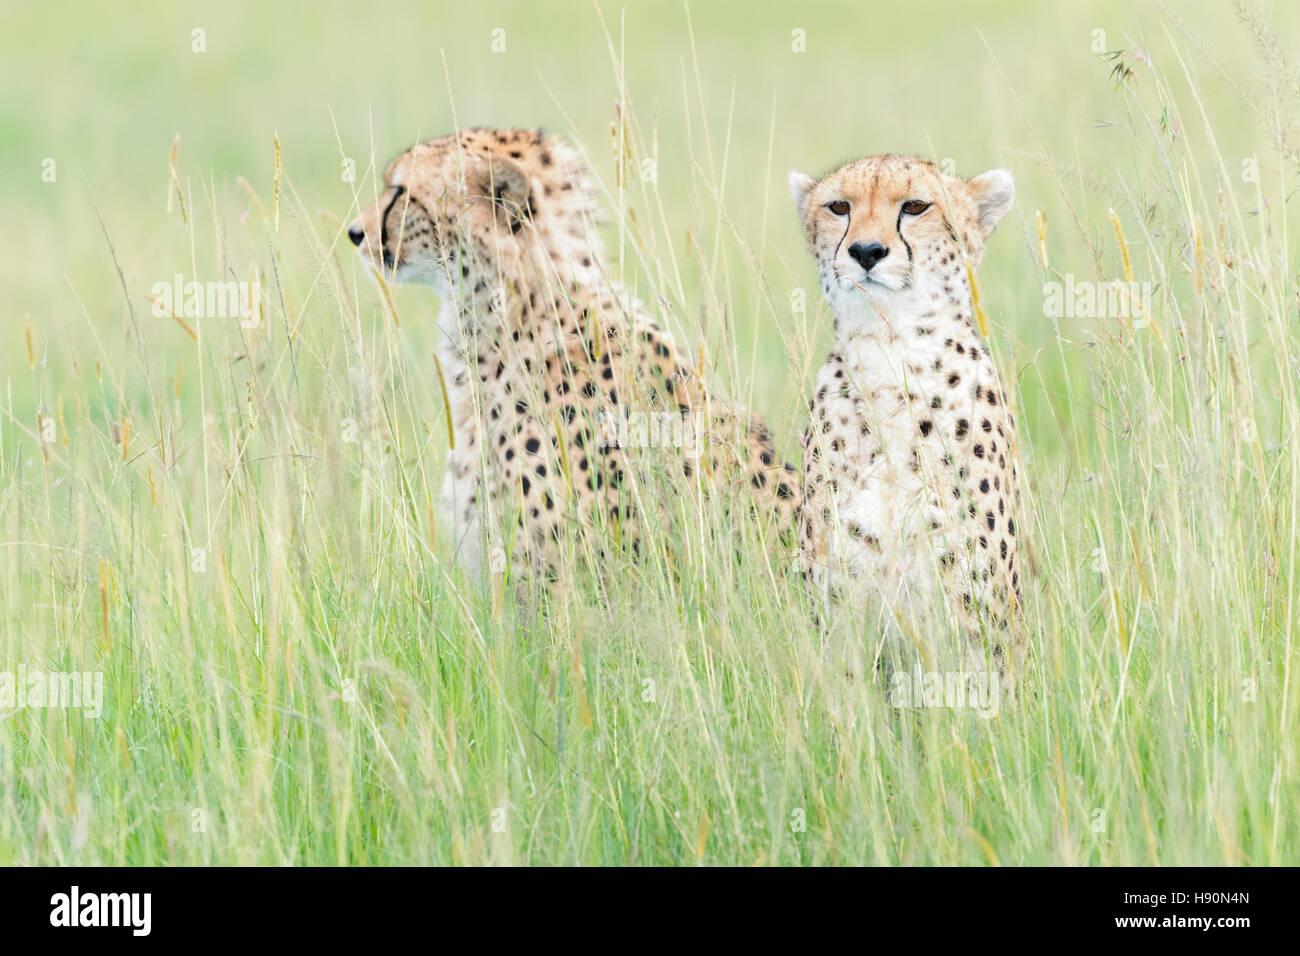 Zwei Geparden (Acinonix Jubatus) sitzen auf Savanne, Masai Mara National Reserve, Kenia Stockbild